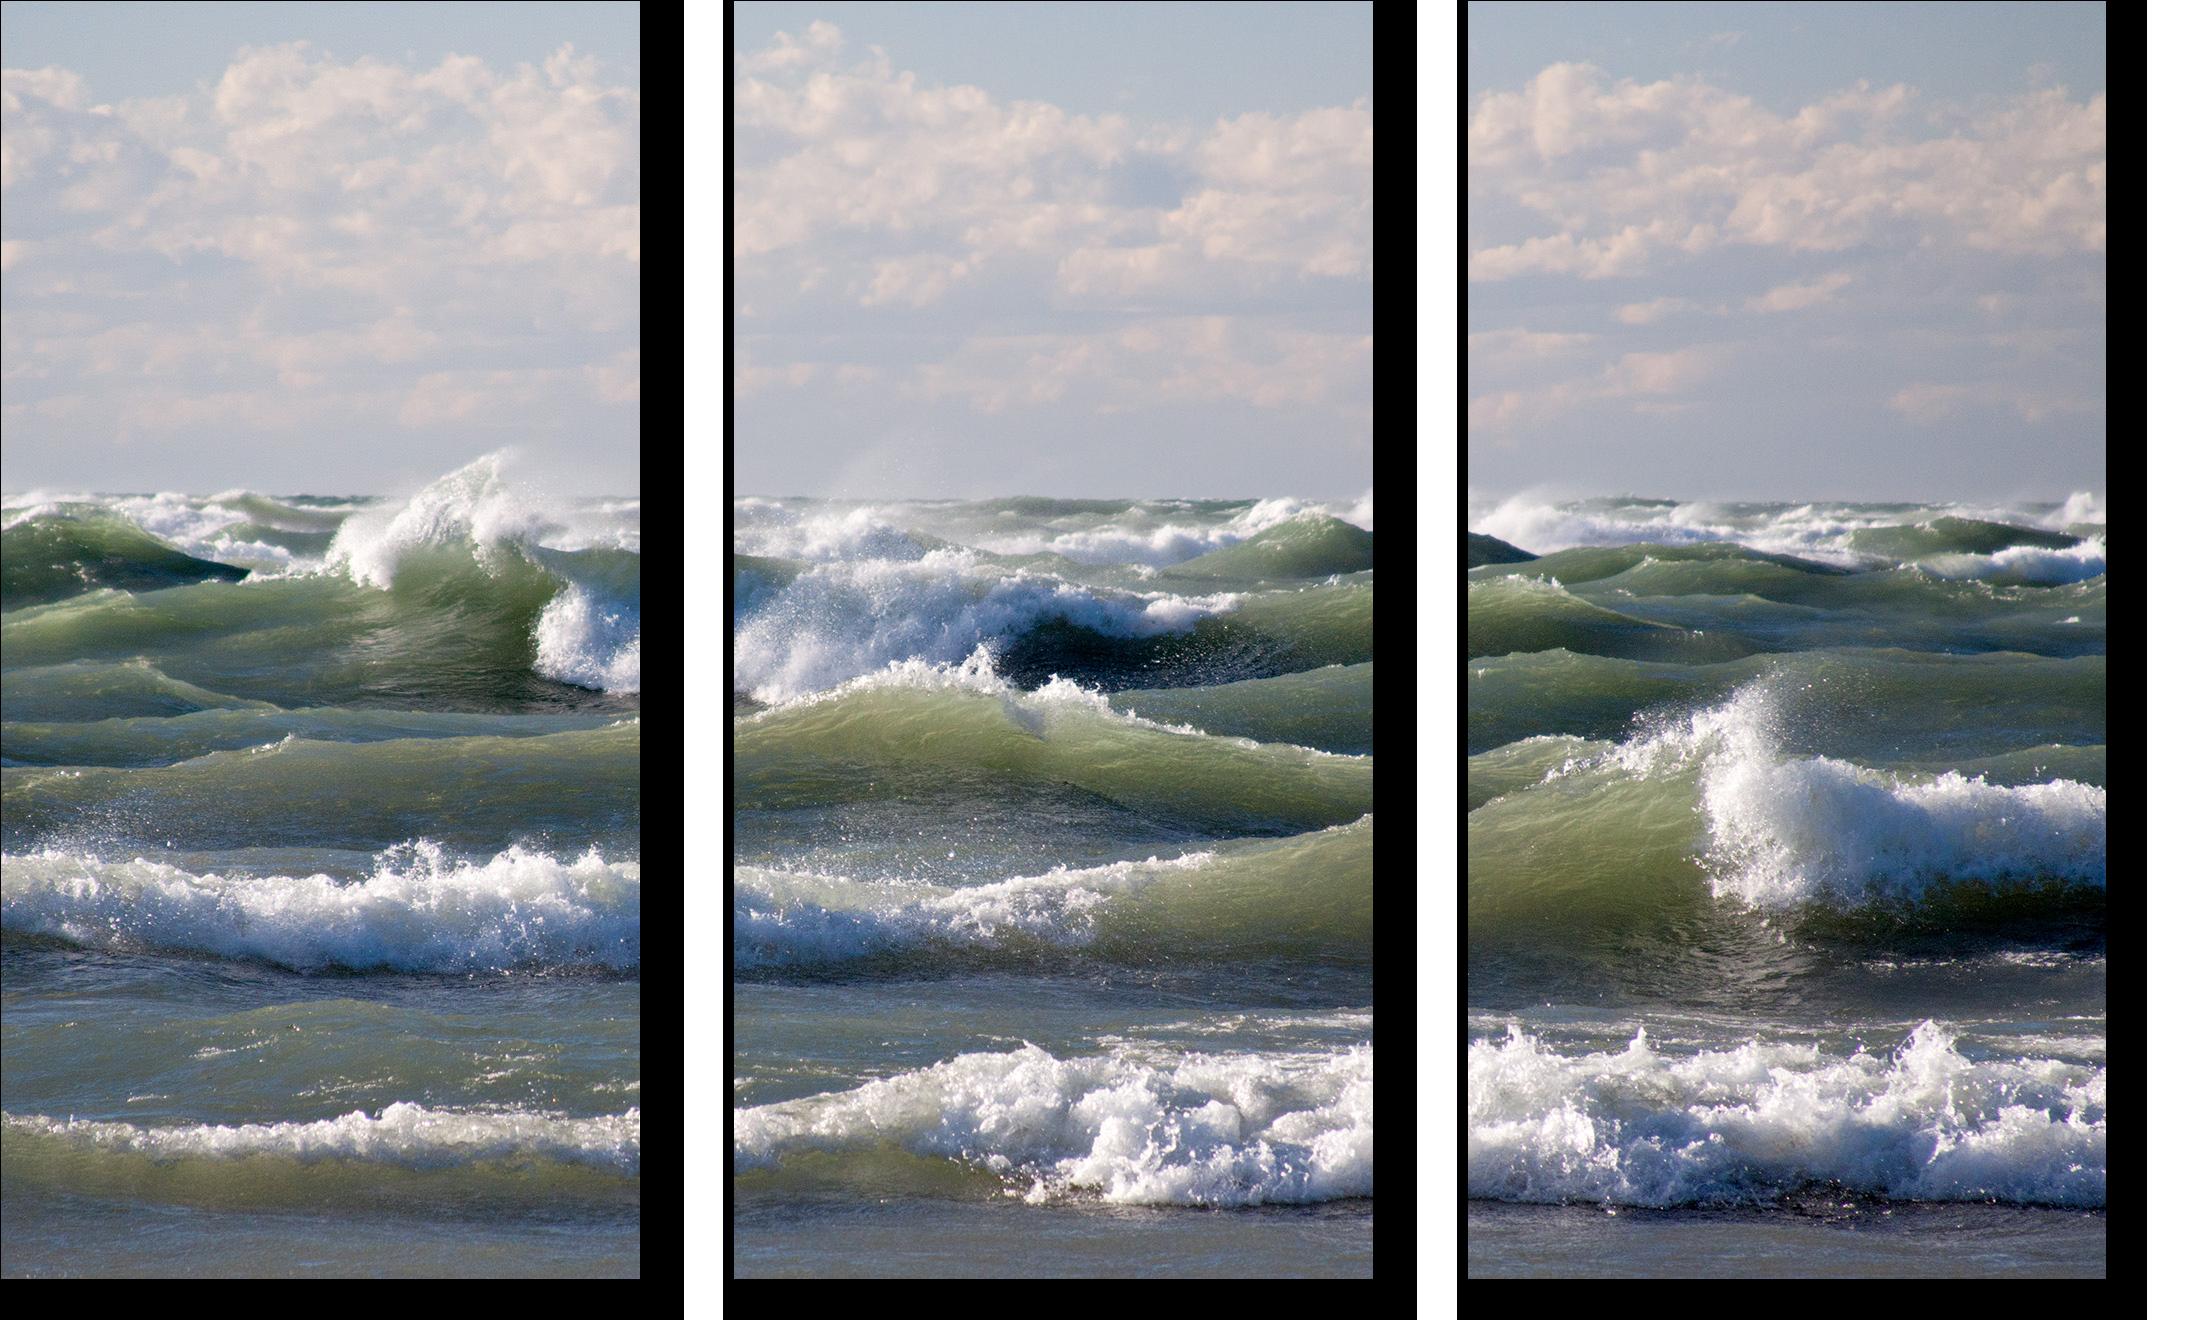 101027 060 triptych c1gxrw